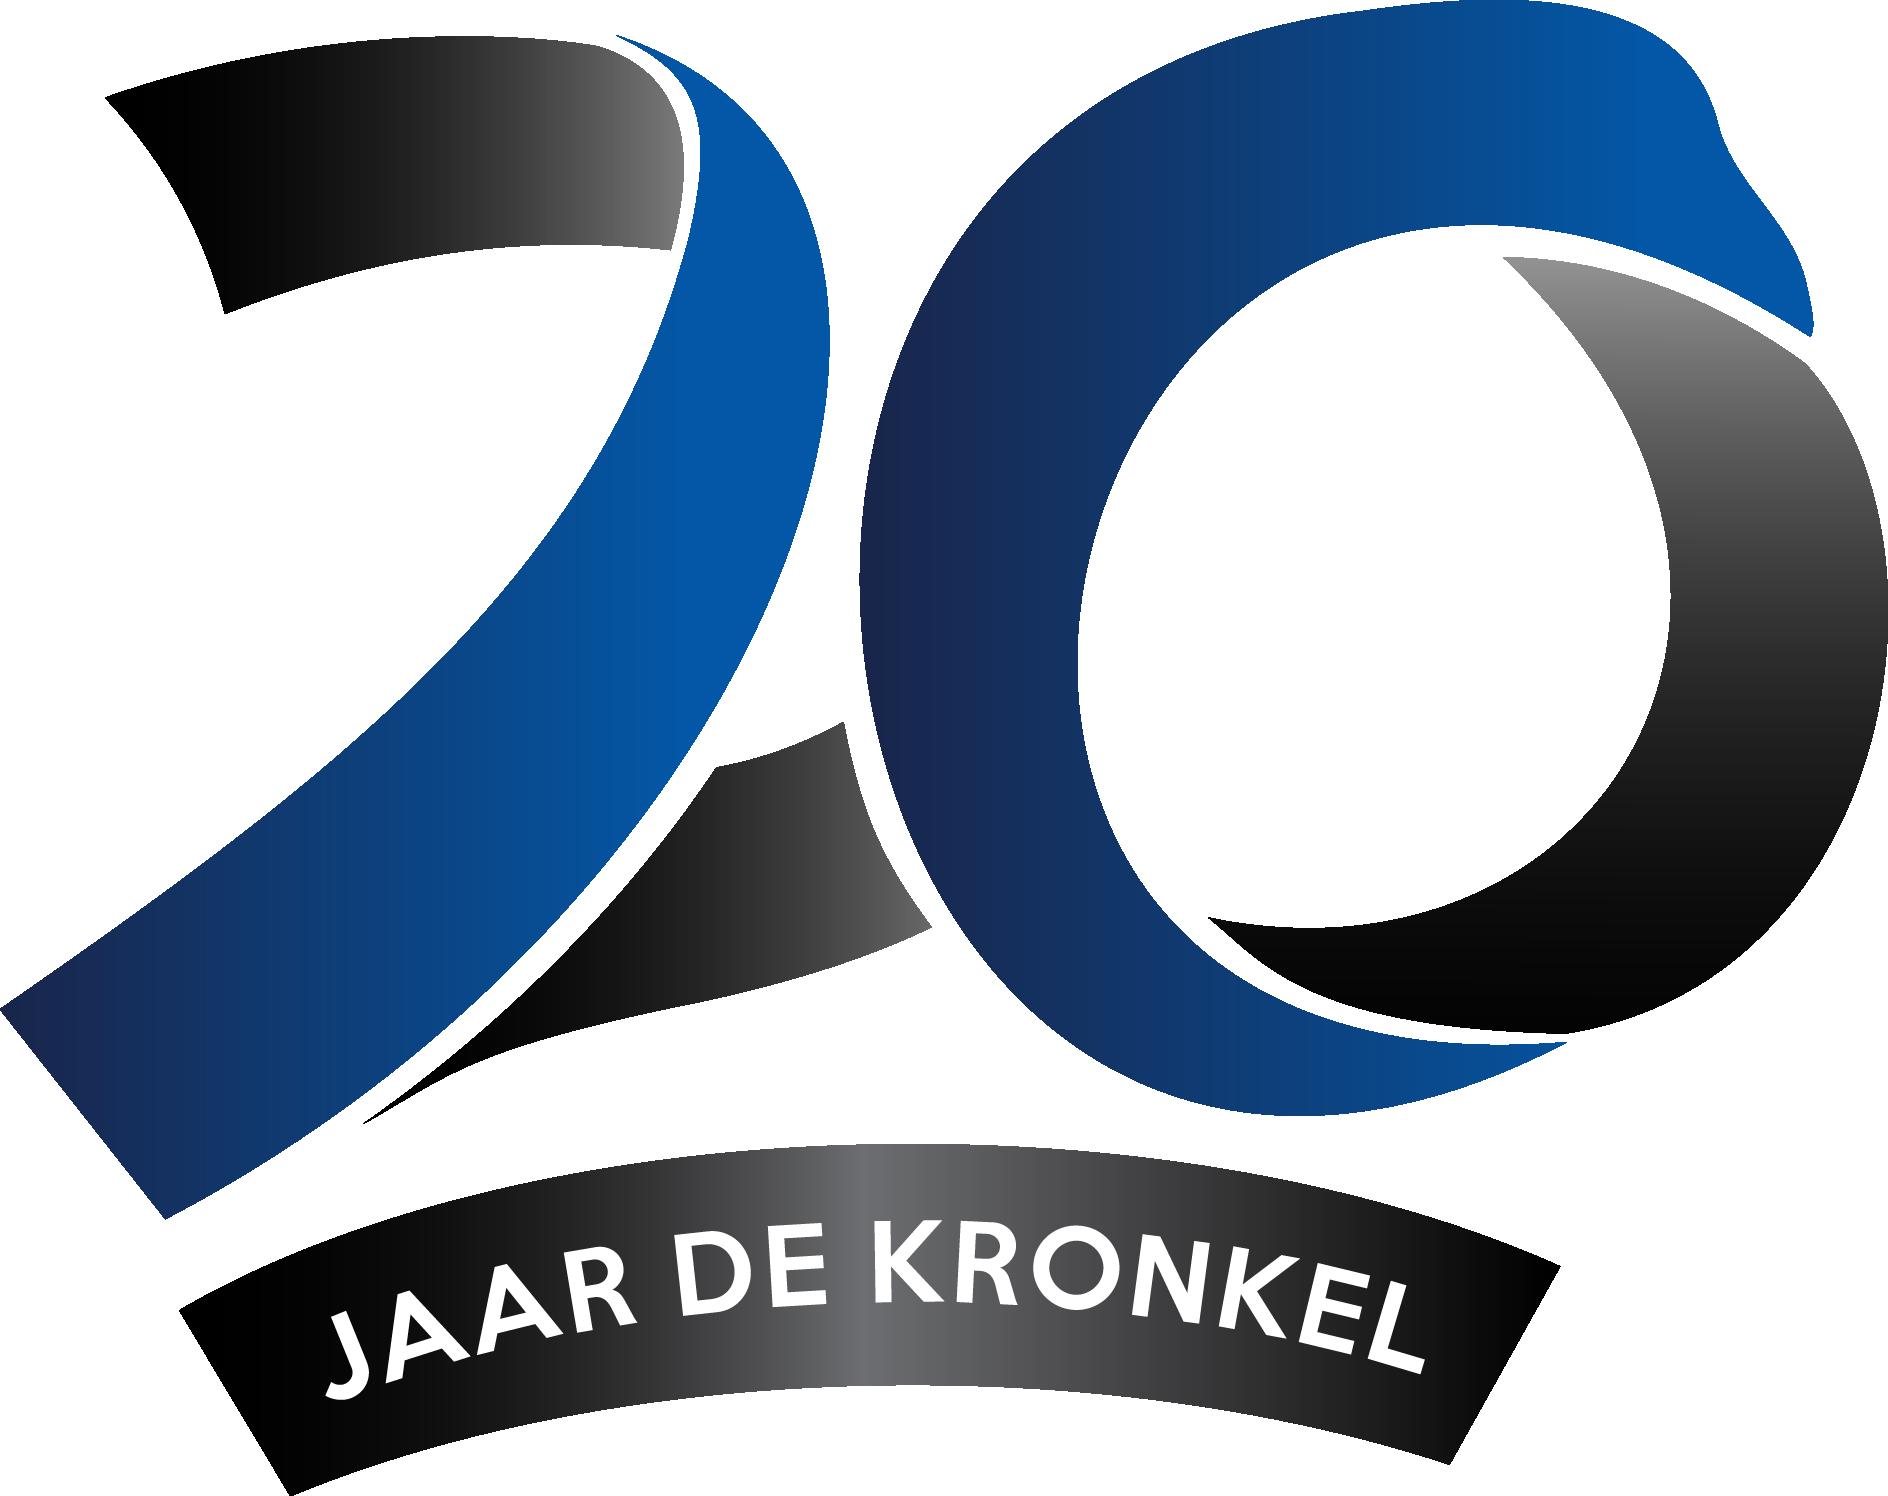 20 jaar De Kronkel